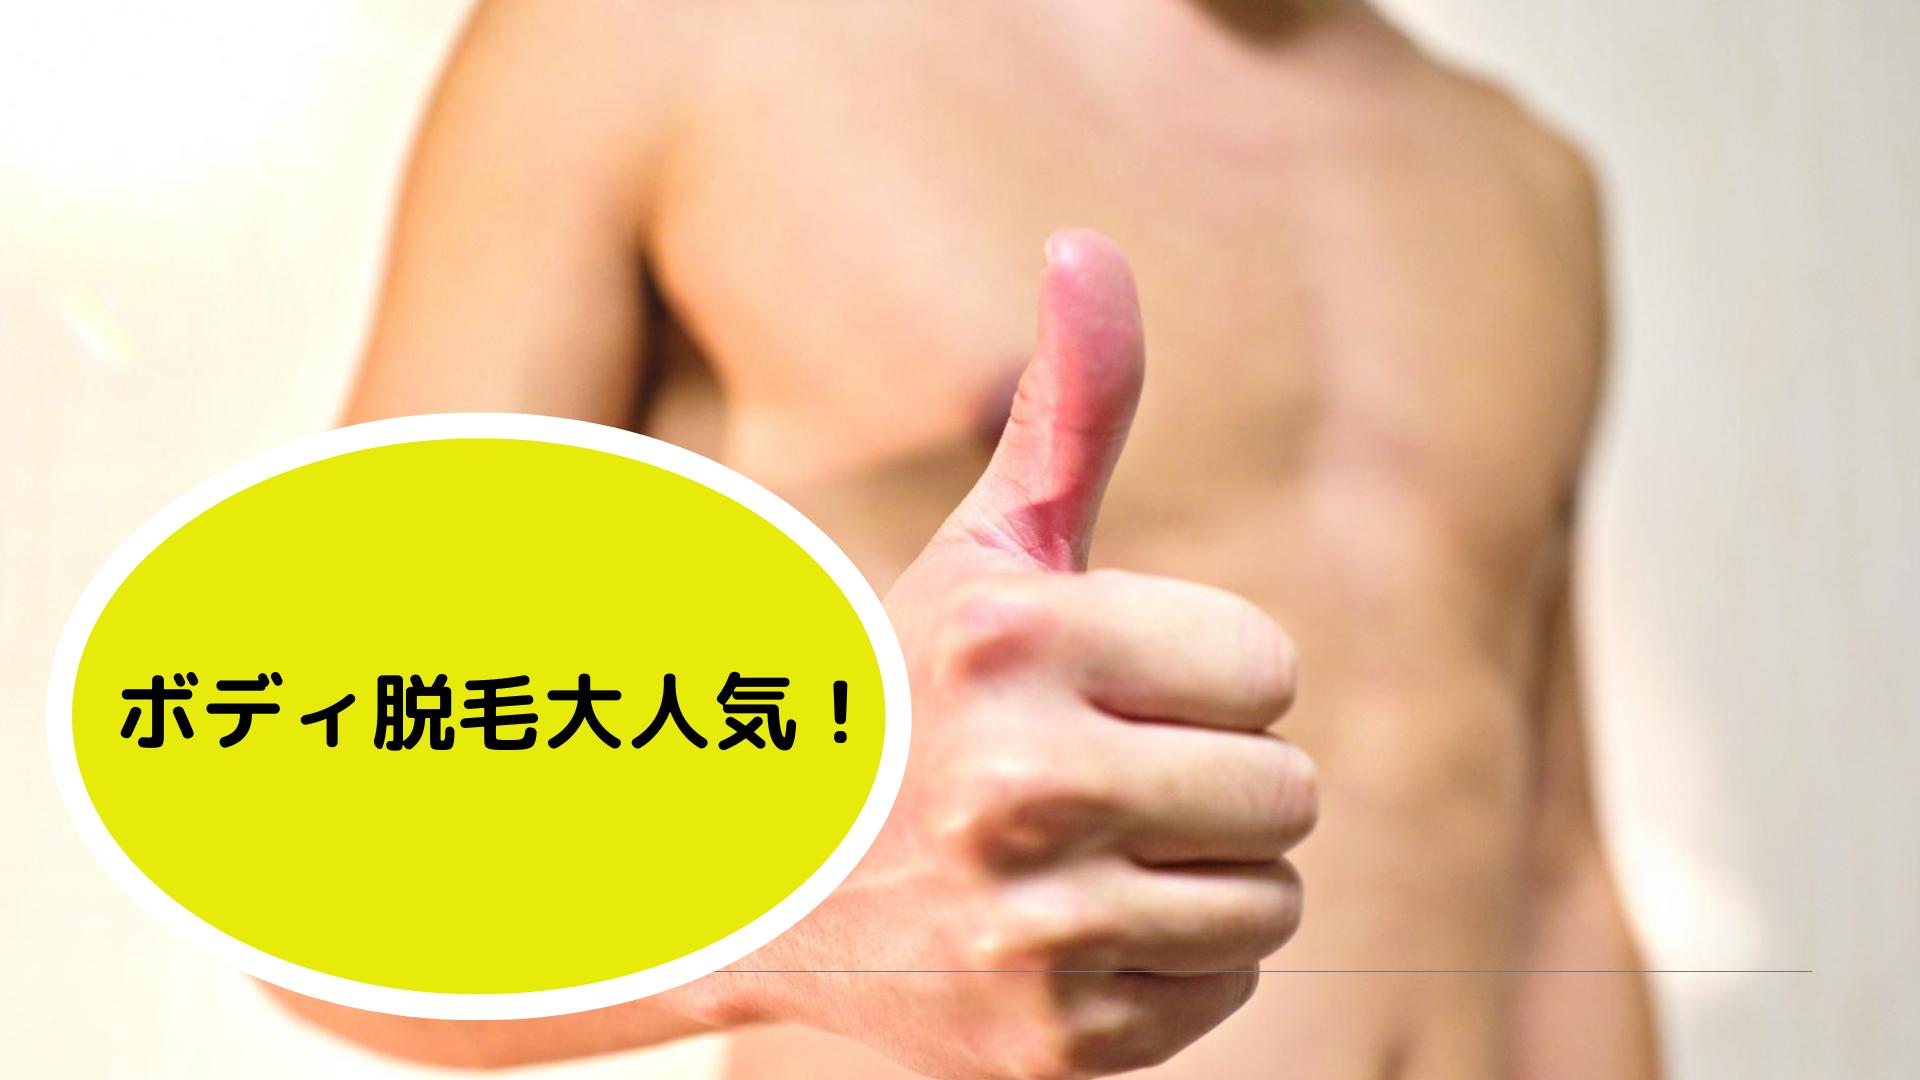 ボディ脱毛大人気!!